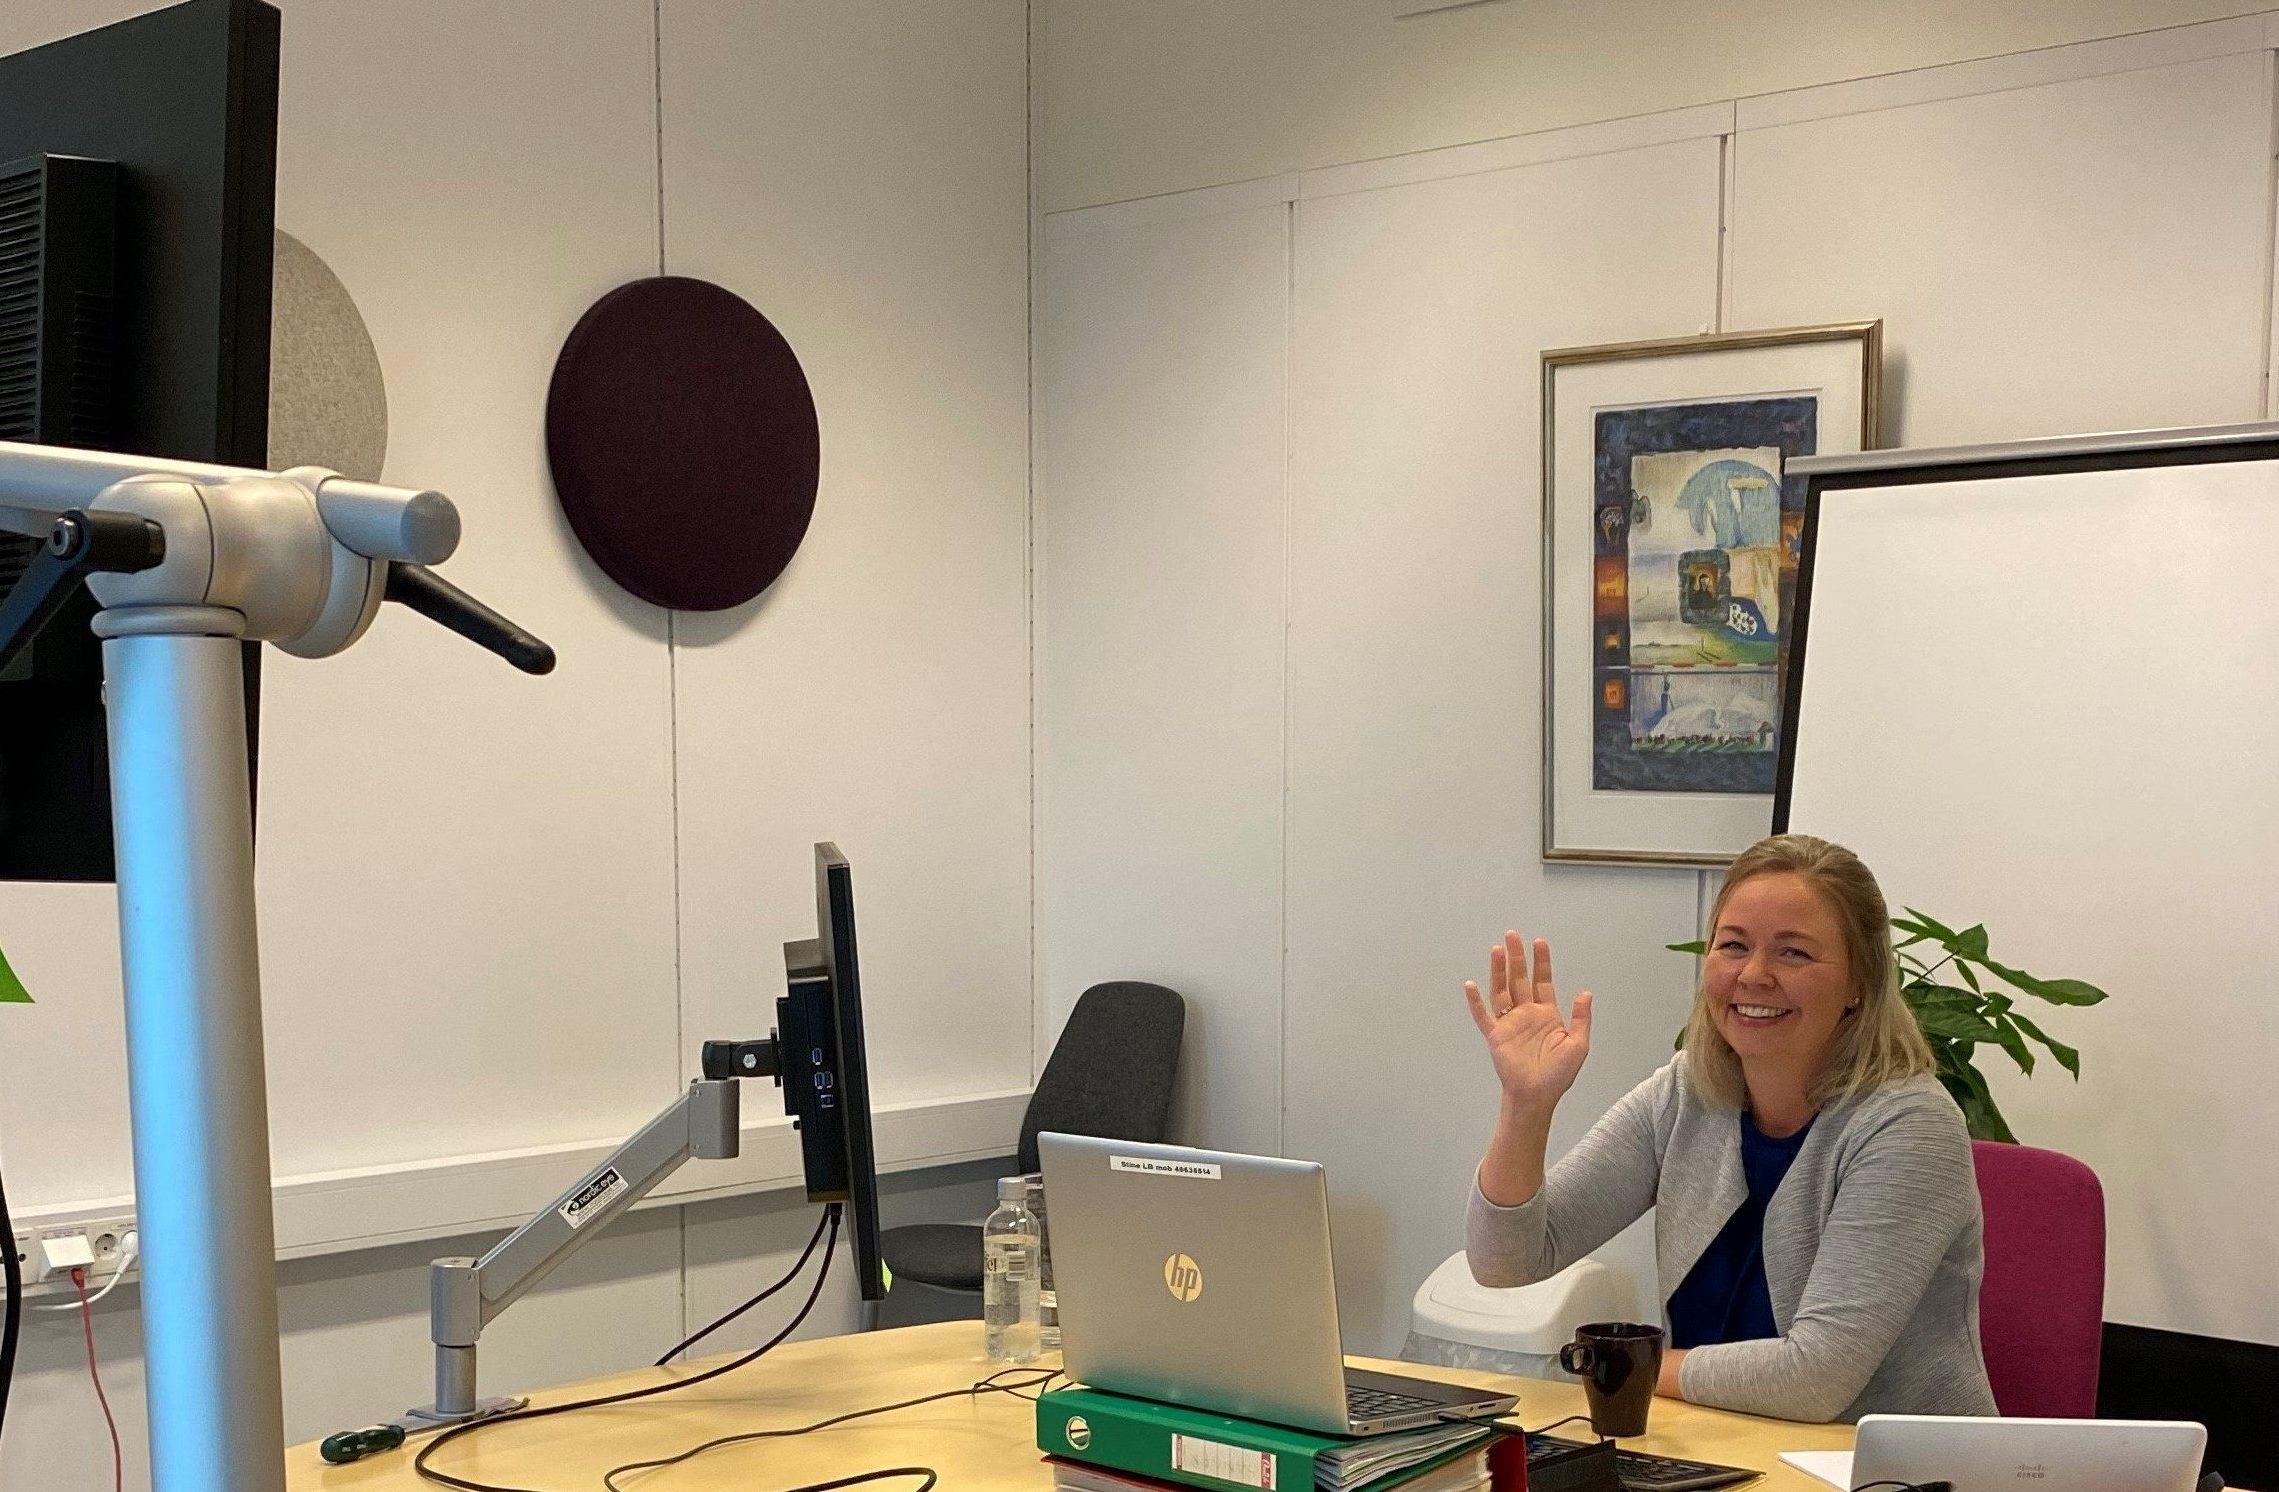 TESTER TEKNOLOGIEN: Stine Larsson Busch tester hvordan teknologien fungerer, slik at alt er i orden til arrangementsdagen.